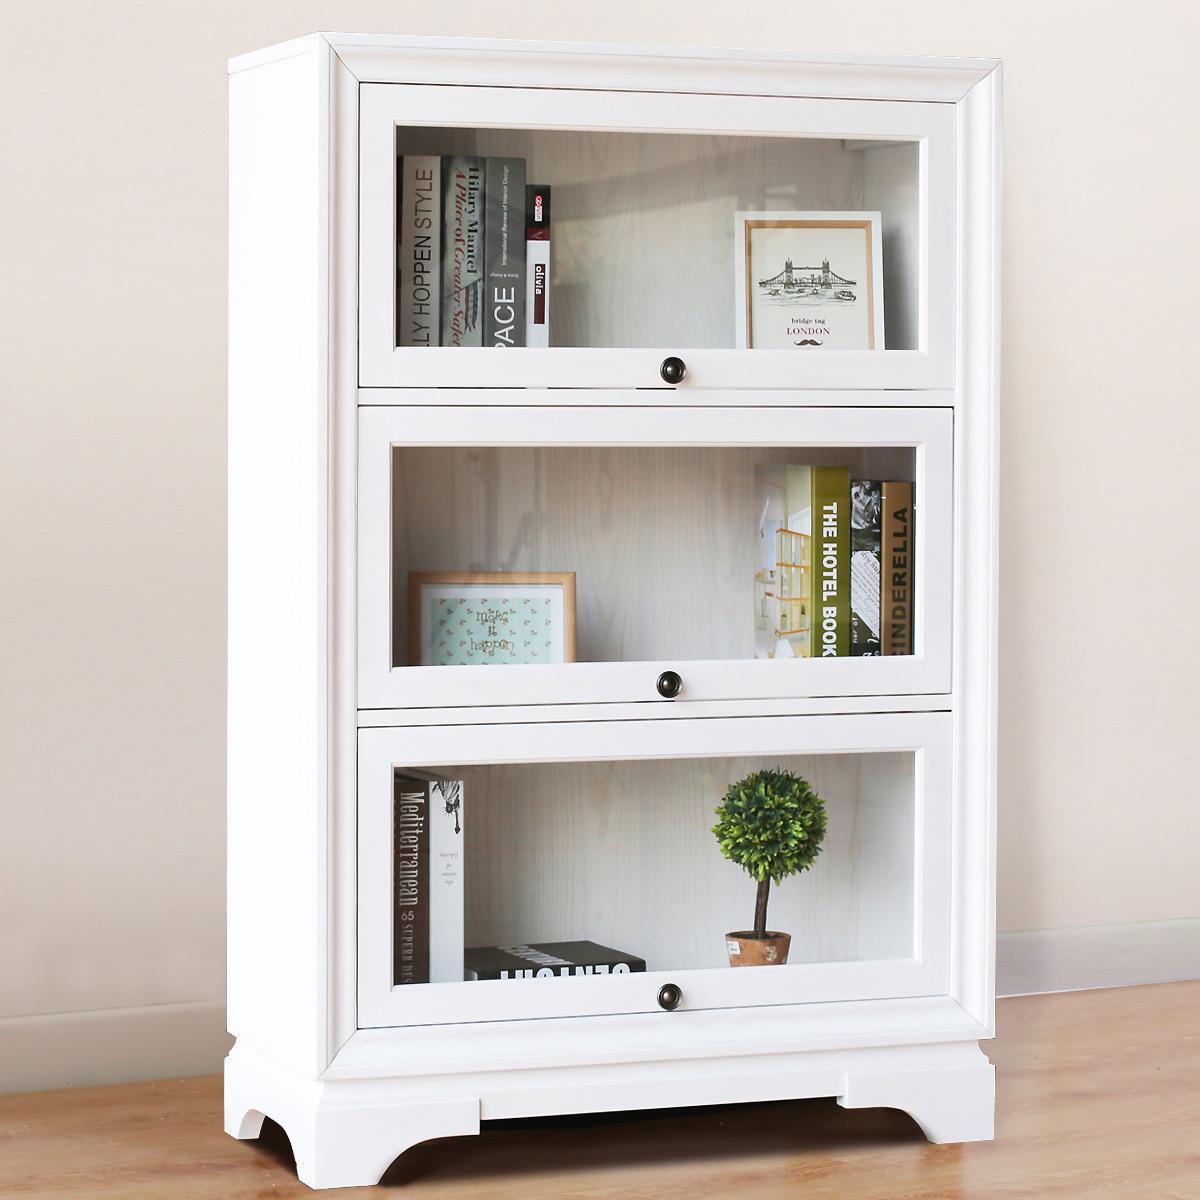 鑫富士實木書柜書房帶玻璃門三層書架環保置物架展示柜